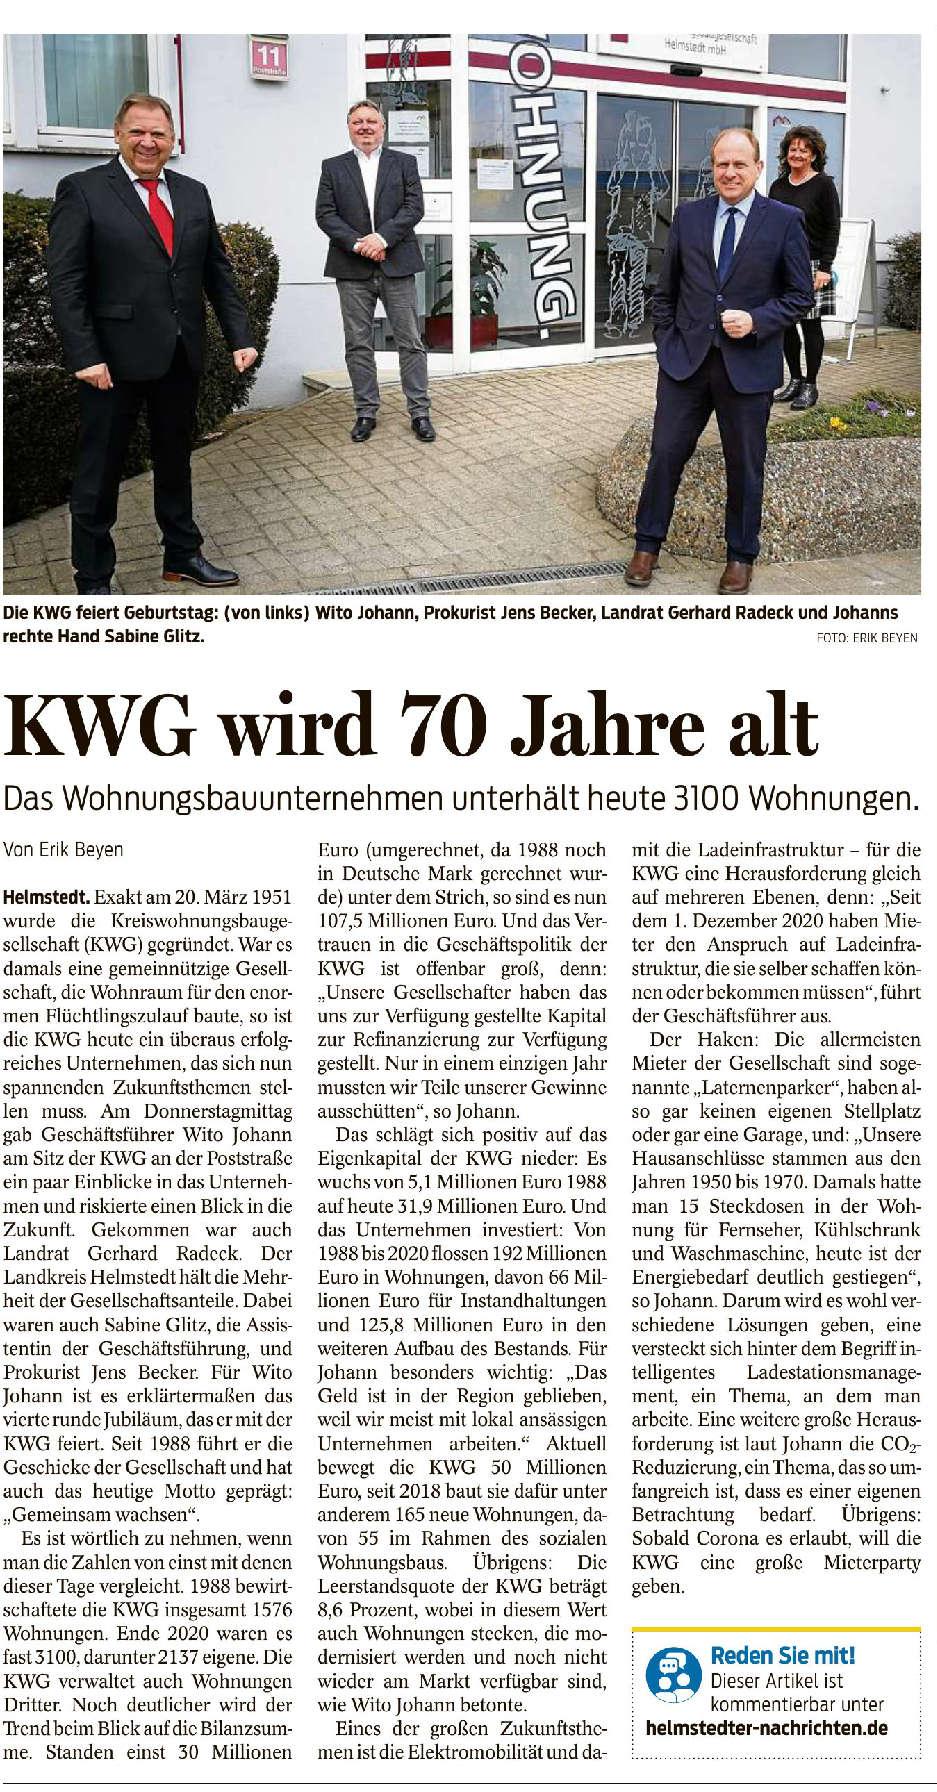 https://www.kwg-helmstedt.de/media/KWG_wir_70_Jahre_alt_19.03.2021.jpg